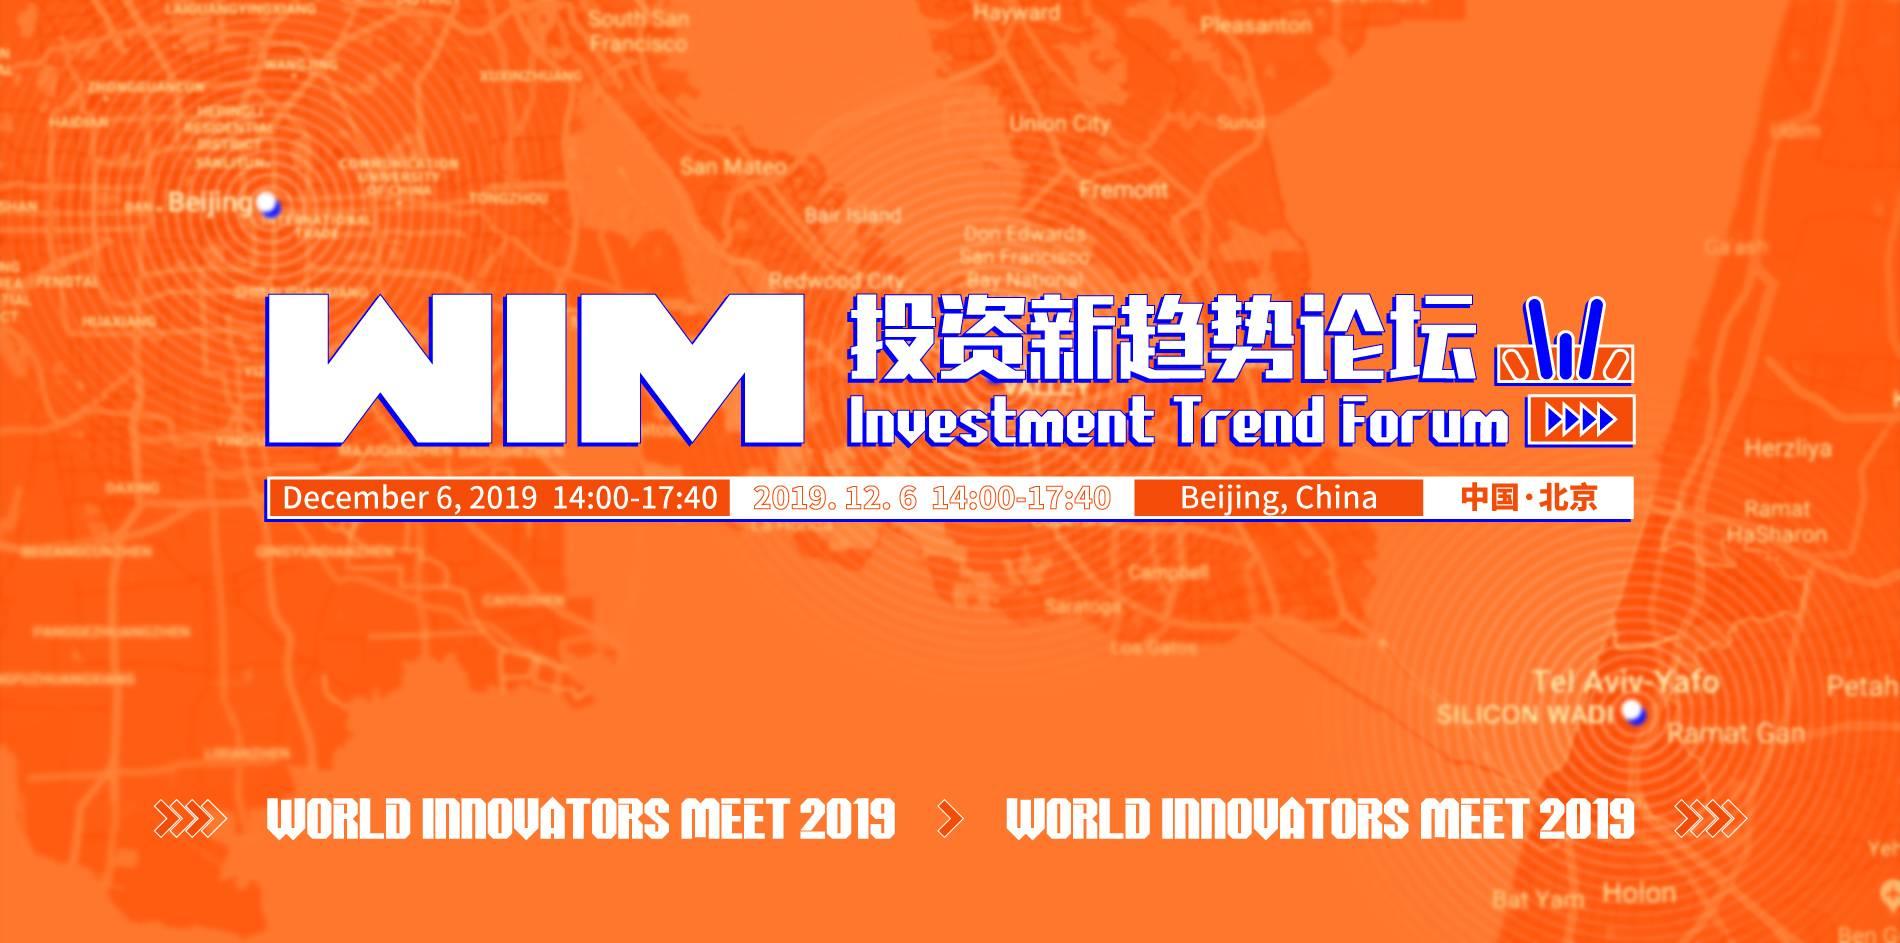 【活动】2019世界创新者年会-投资新趋势论坛-亿欧